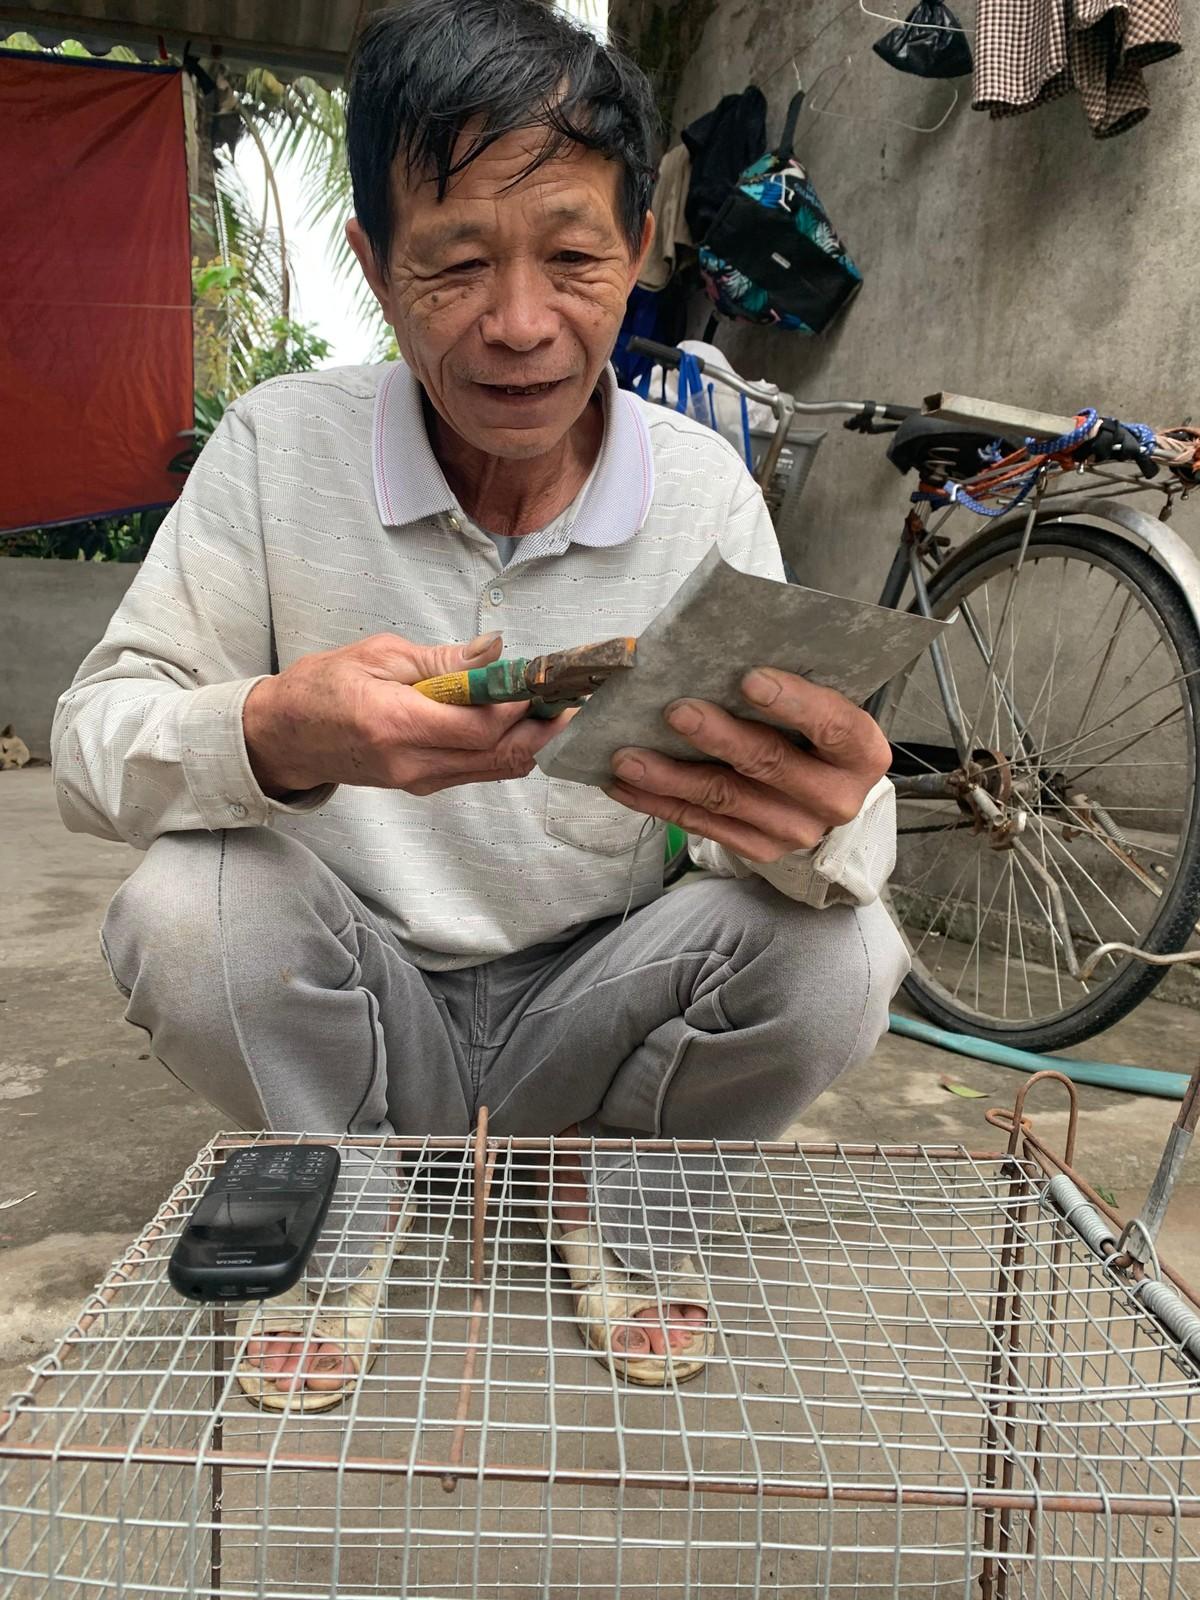 Phần 5: Tâm tư của người dân nông thôn đang sử dụng điện thoại 2G ảnh 2